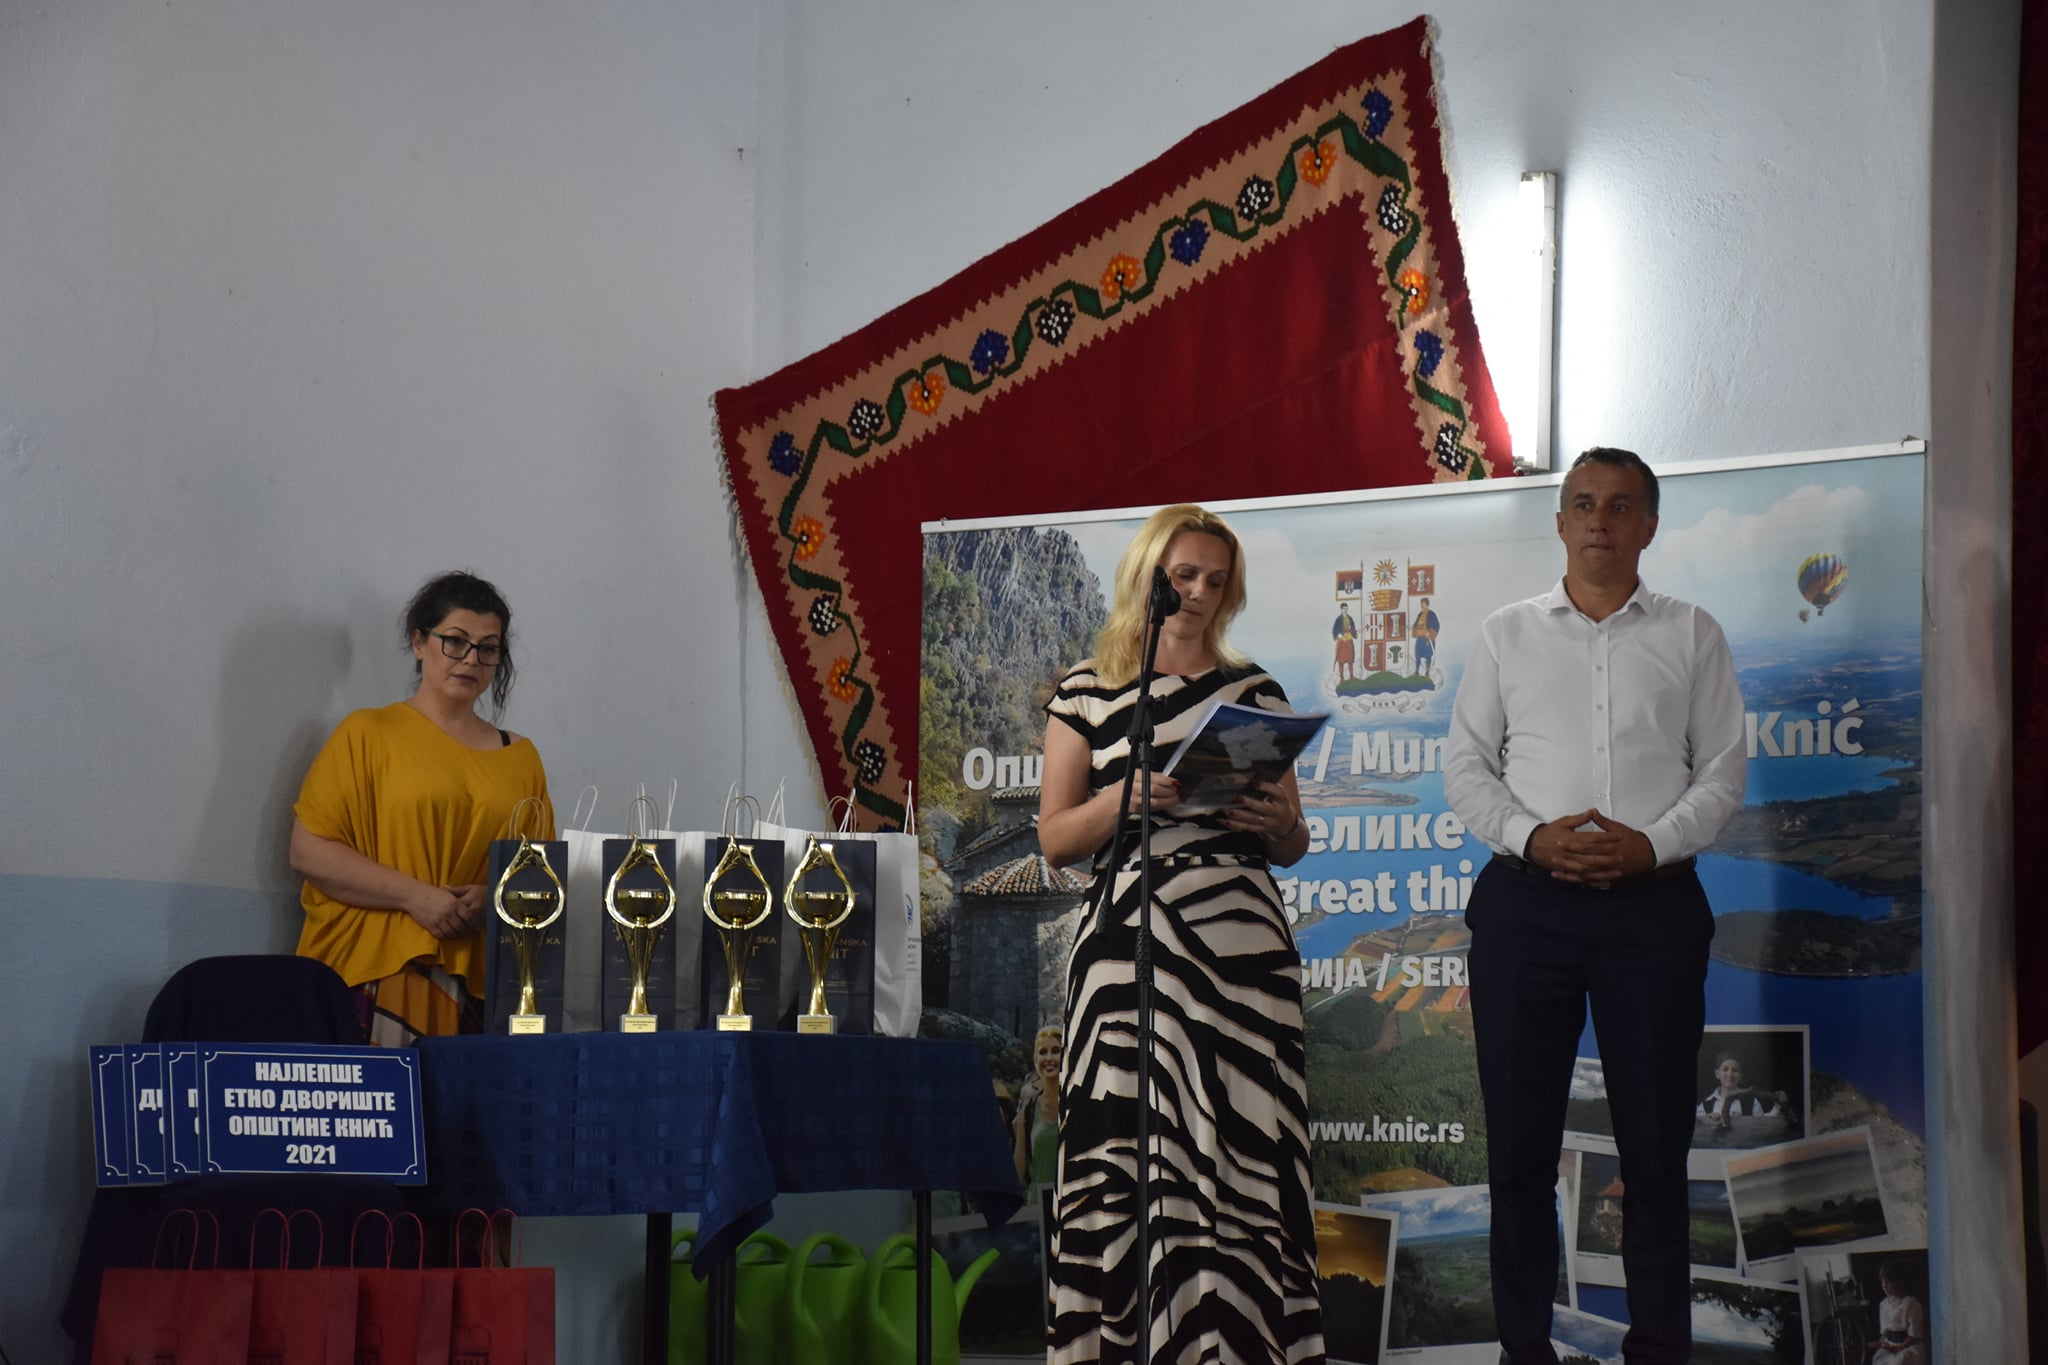 Уручене награде за најлепша дворишта општине Кнић 2021